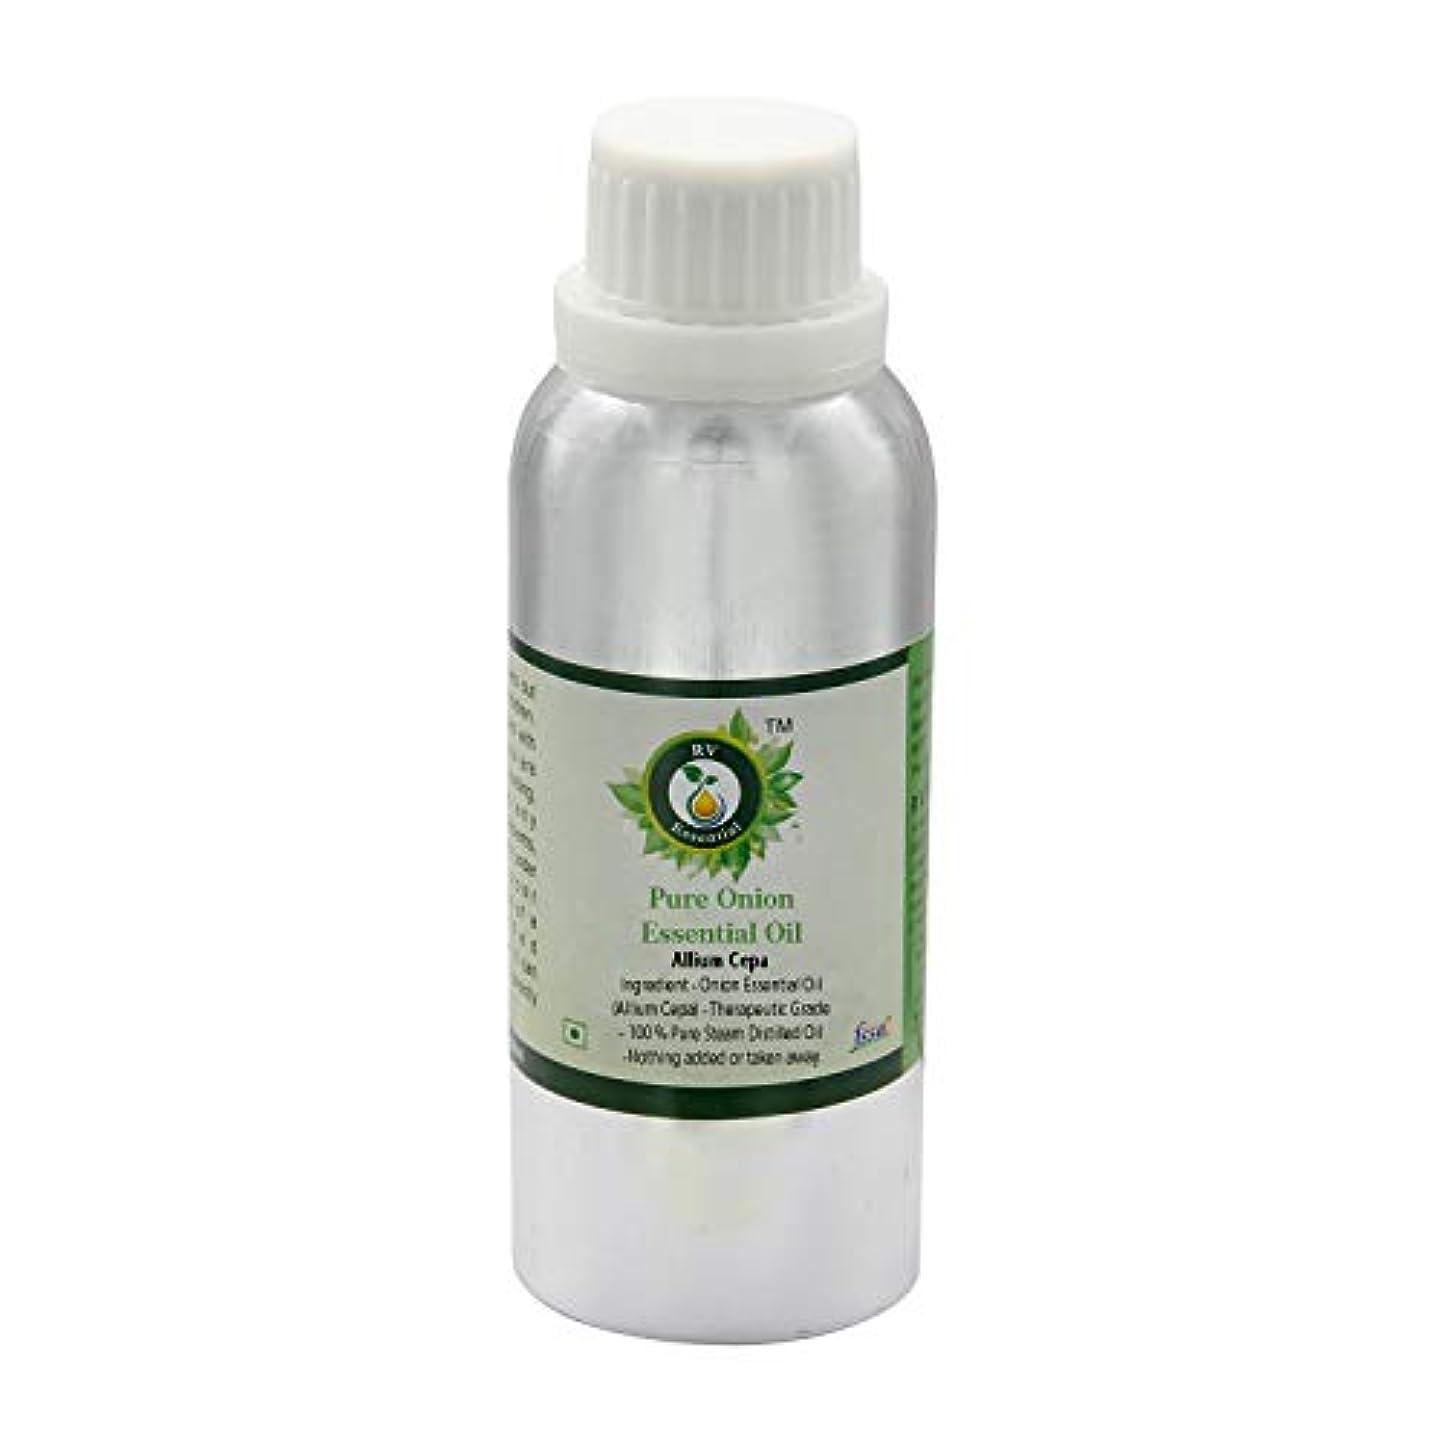 大量入り口別のピュアエッセンシャルオイルオニオン630ml (21oz)- Allium Cepa (100%純粋&天然スチームDistilled) Pure Onion Essential Oil